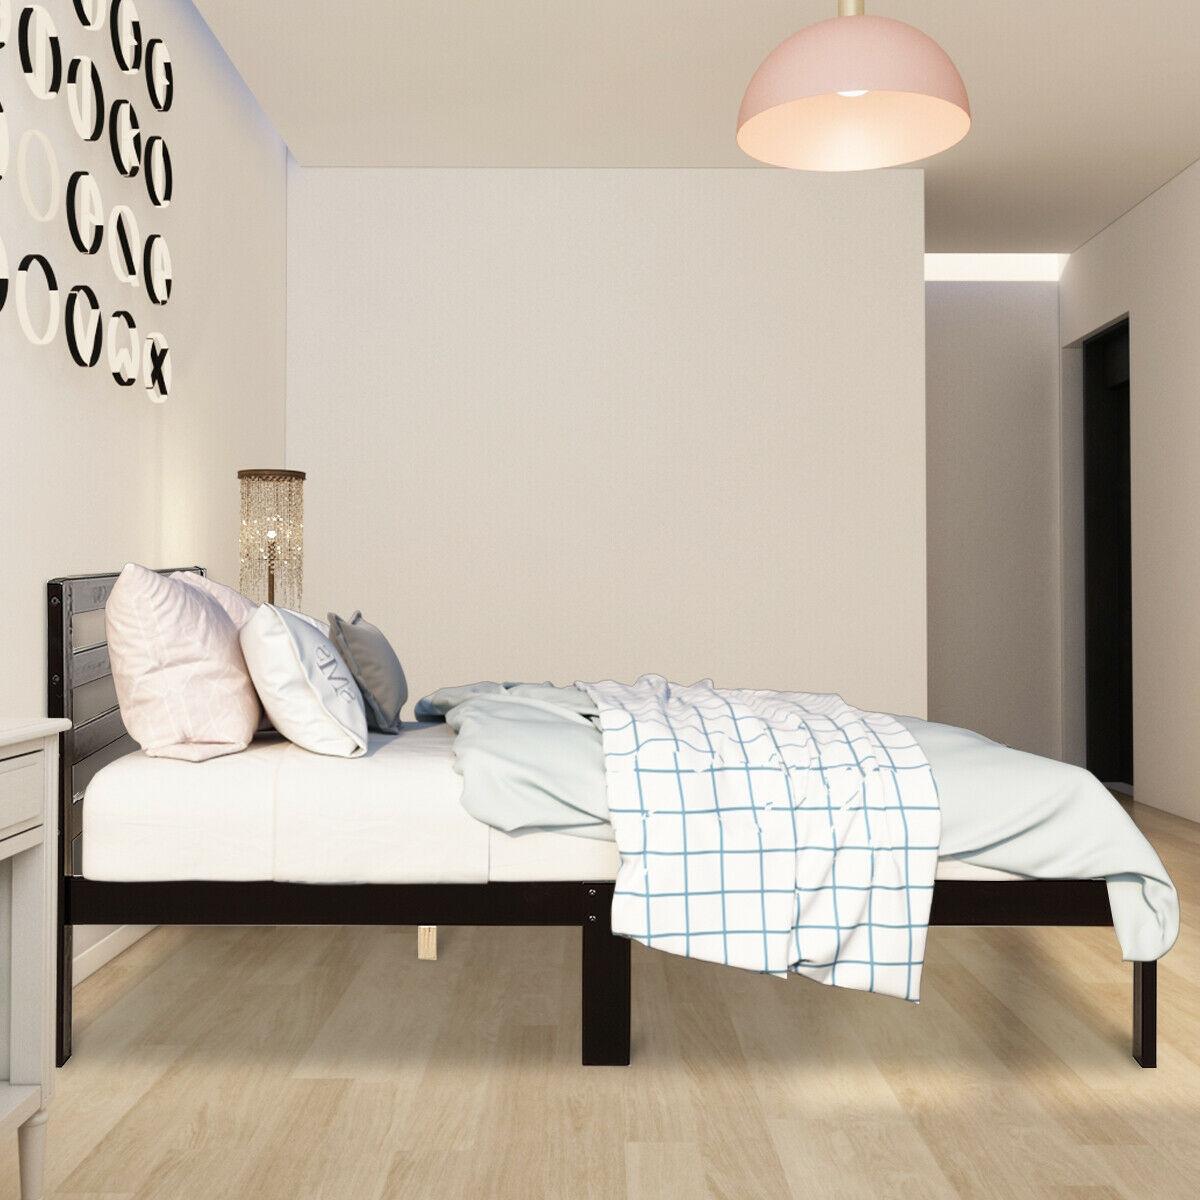 Platform Bed Twin Size Bed Frame Wood Slat Support